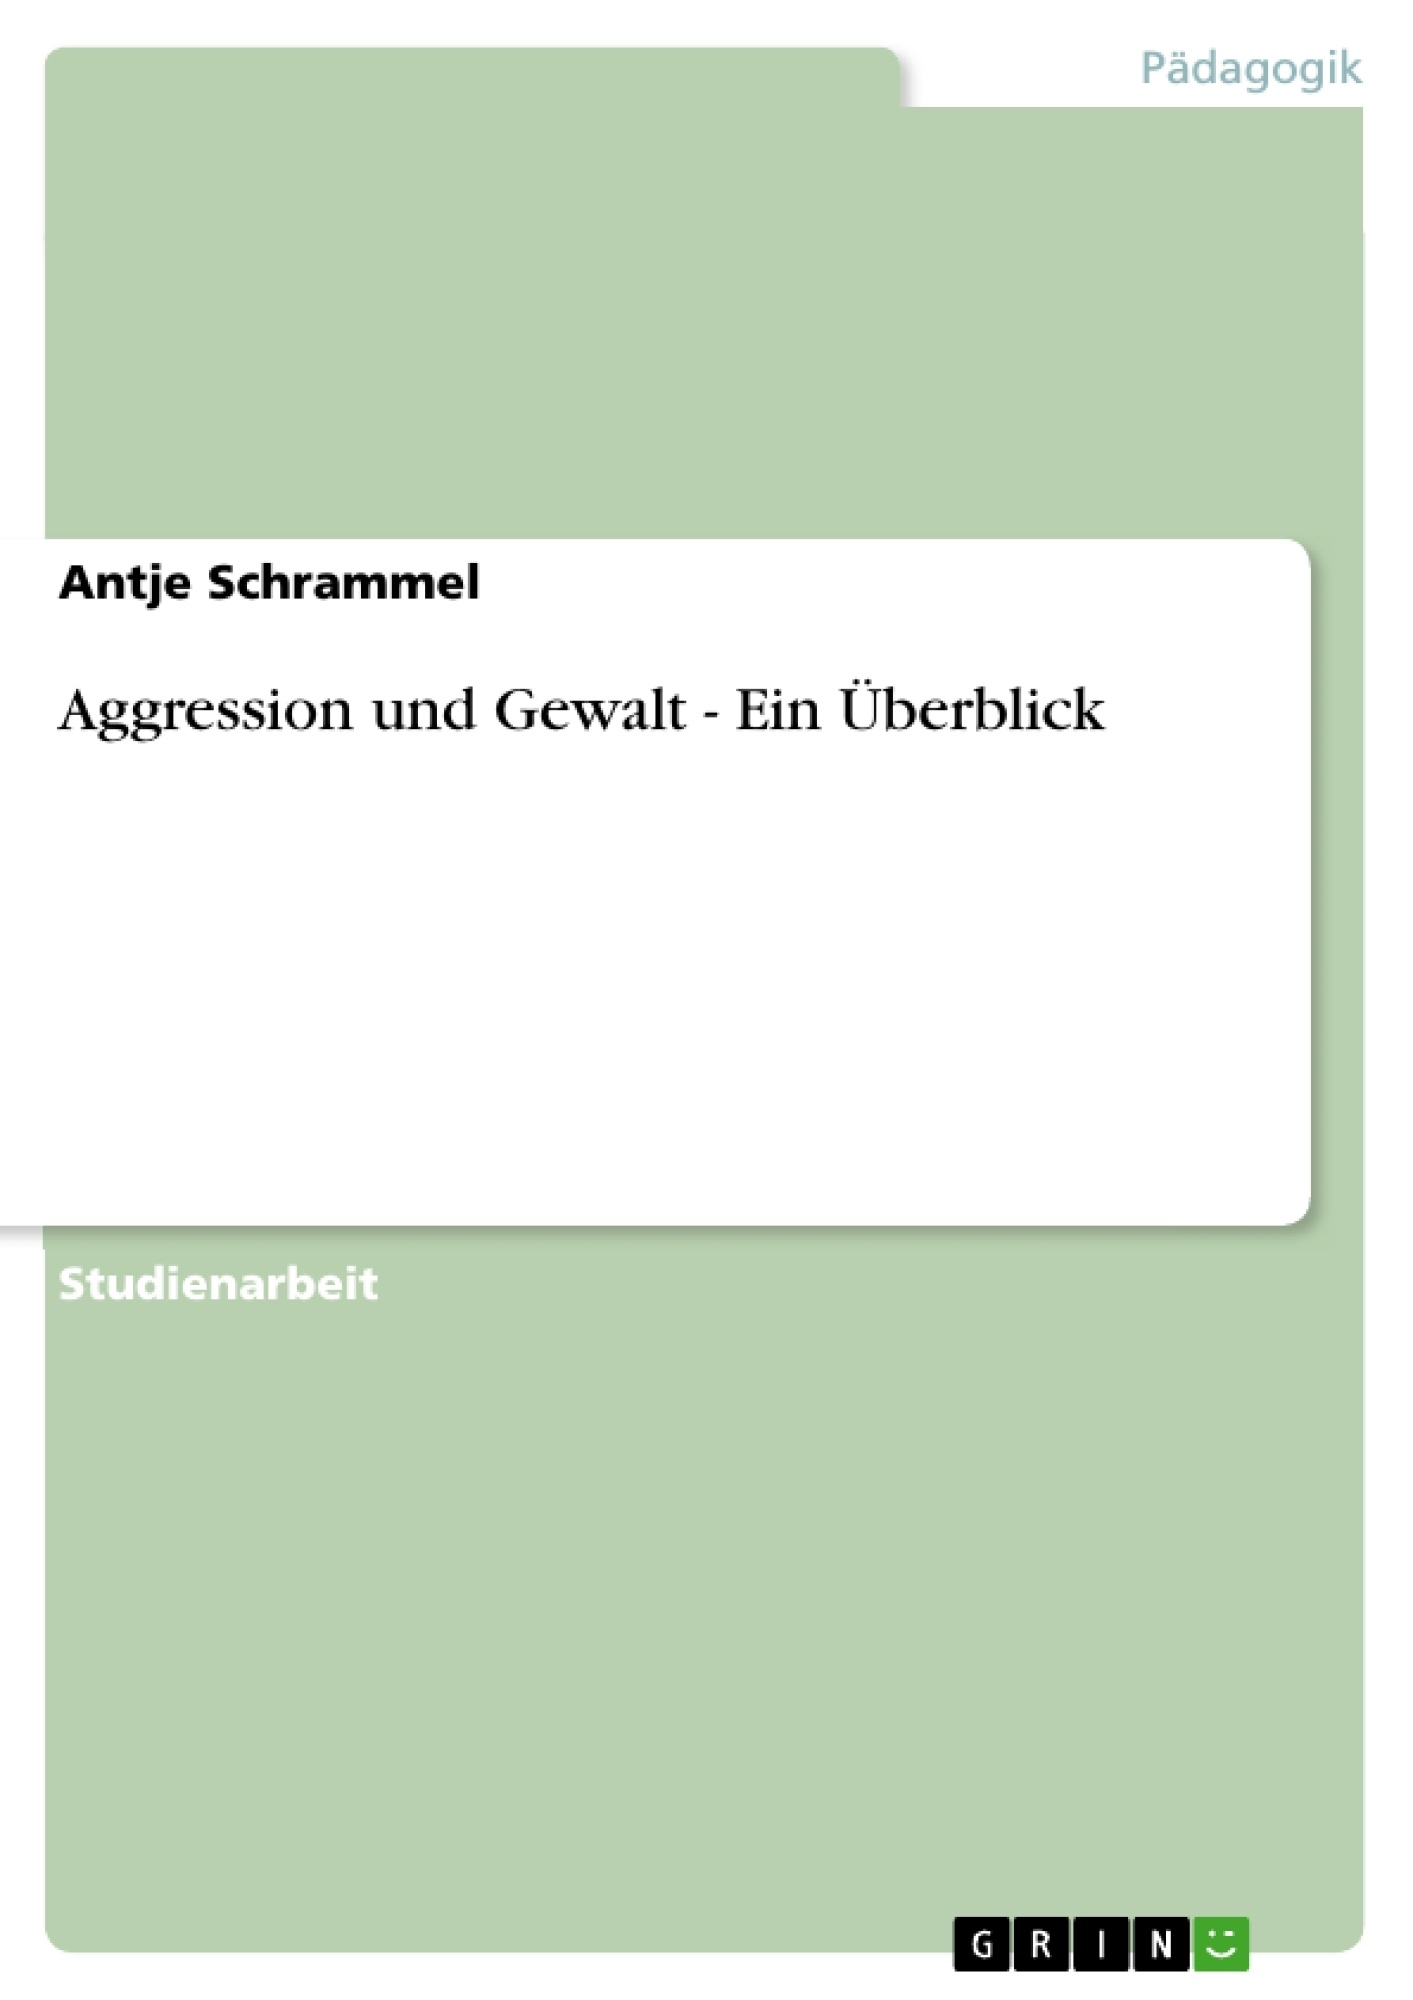 Titel: Aggression und Gewalt - Ein Überblick